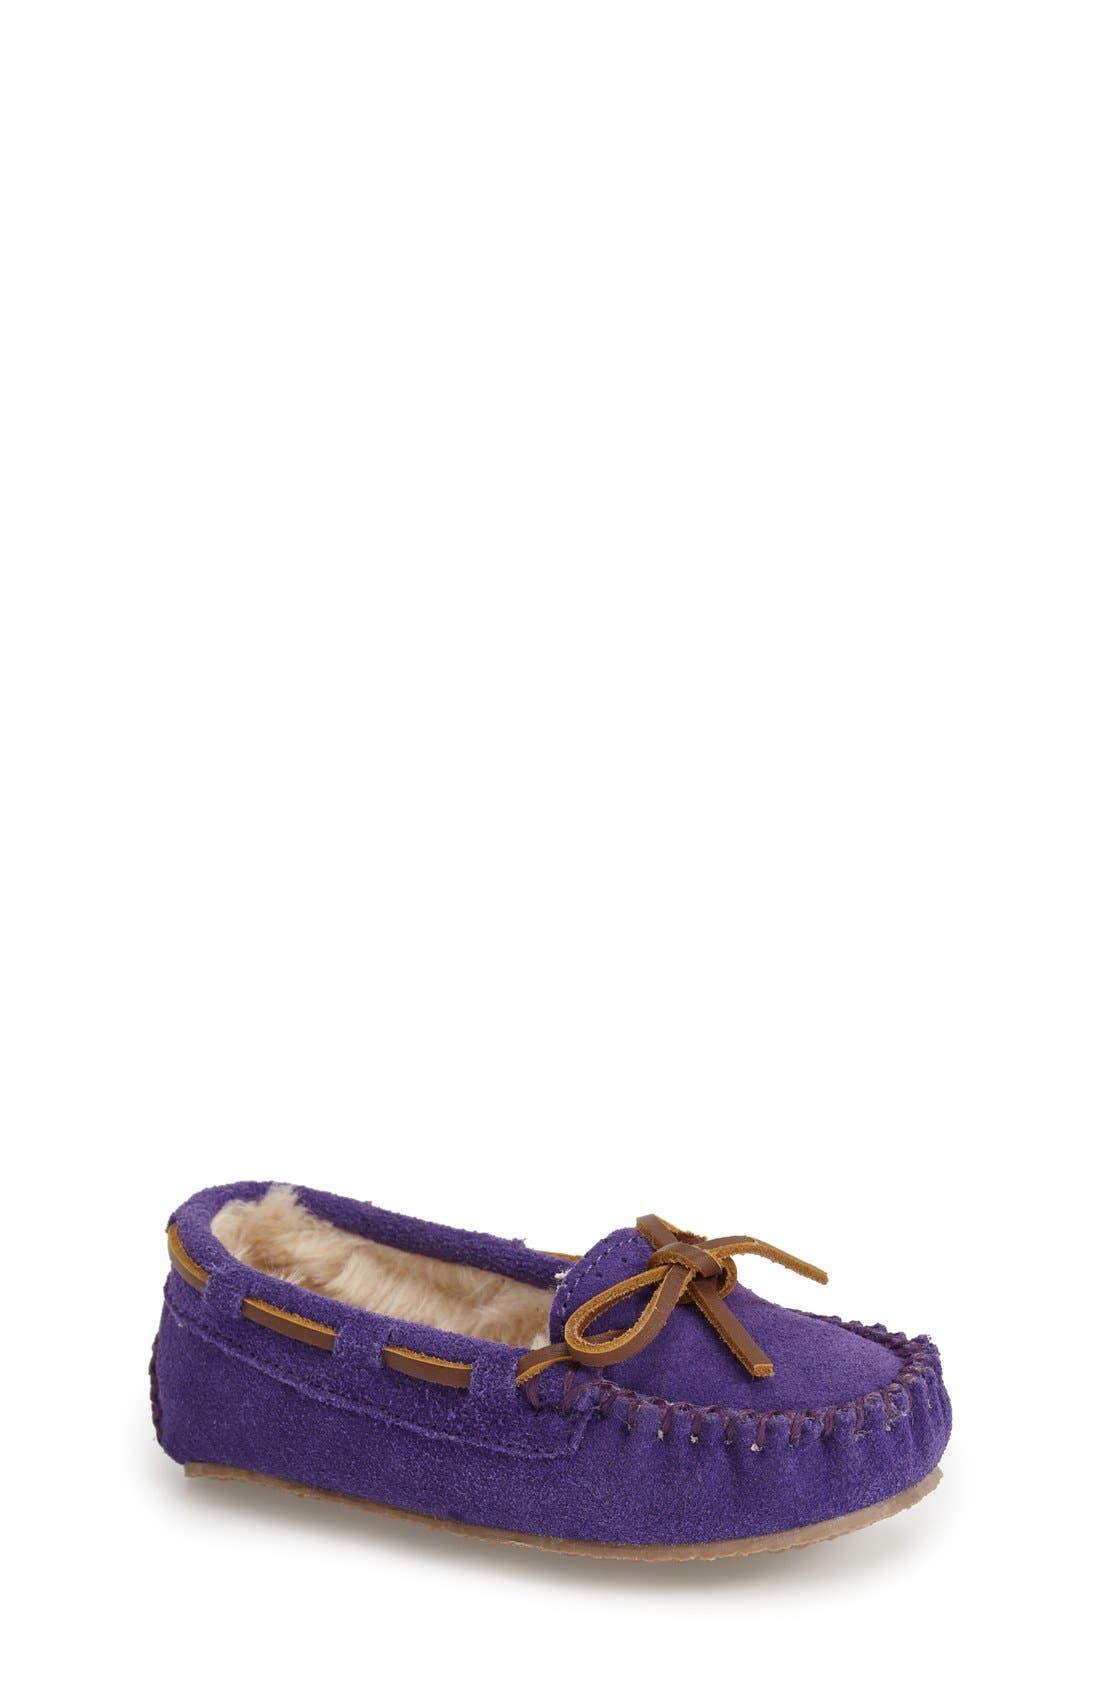 Kiltie Moccasin,                         Main,                         color, Purple